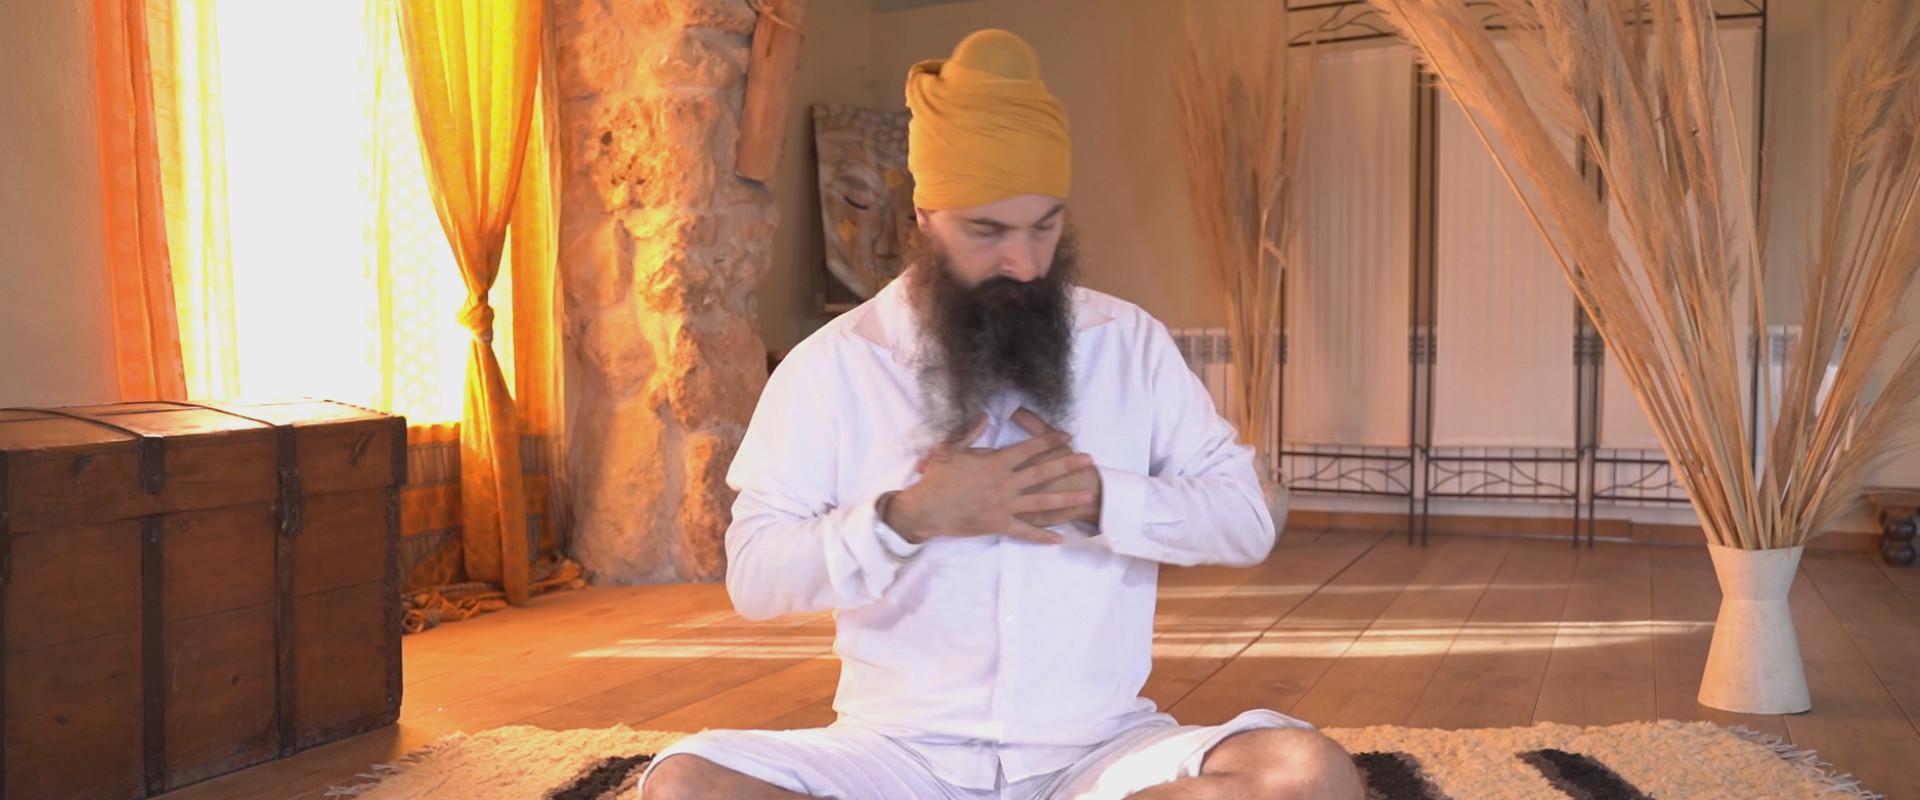 Dit Is Hoe Je Leert Mediteren Als De Yoga Grootmeester Yogi Bhajan